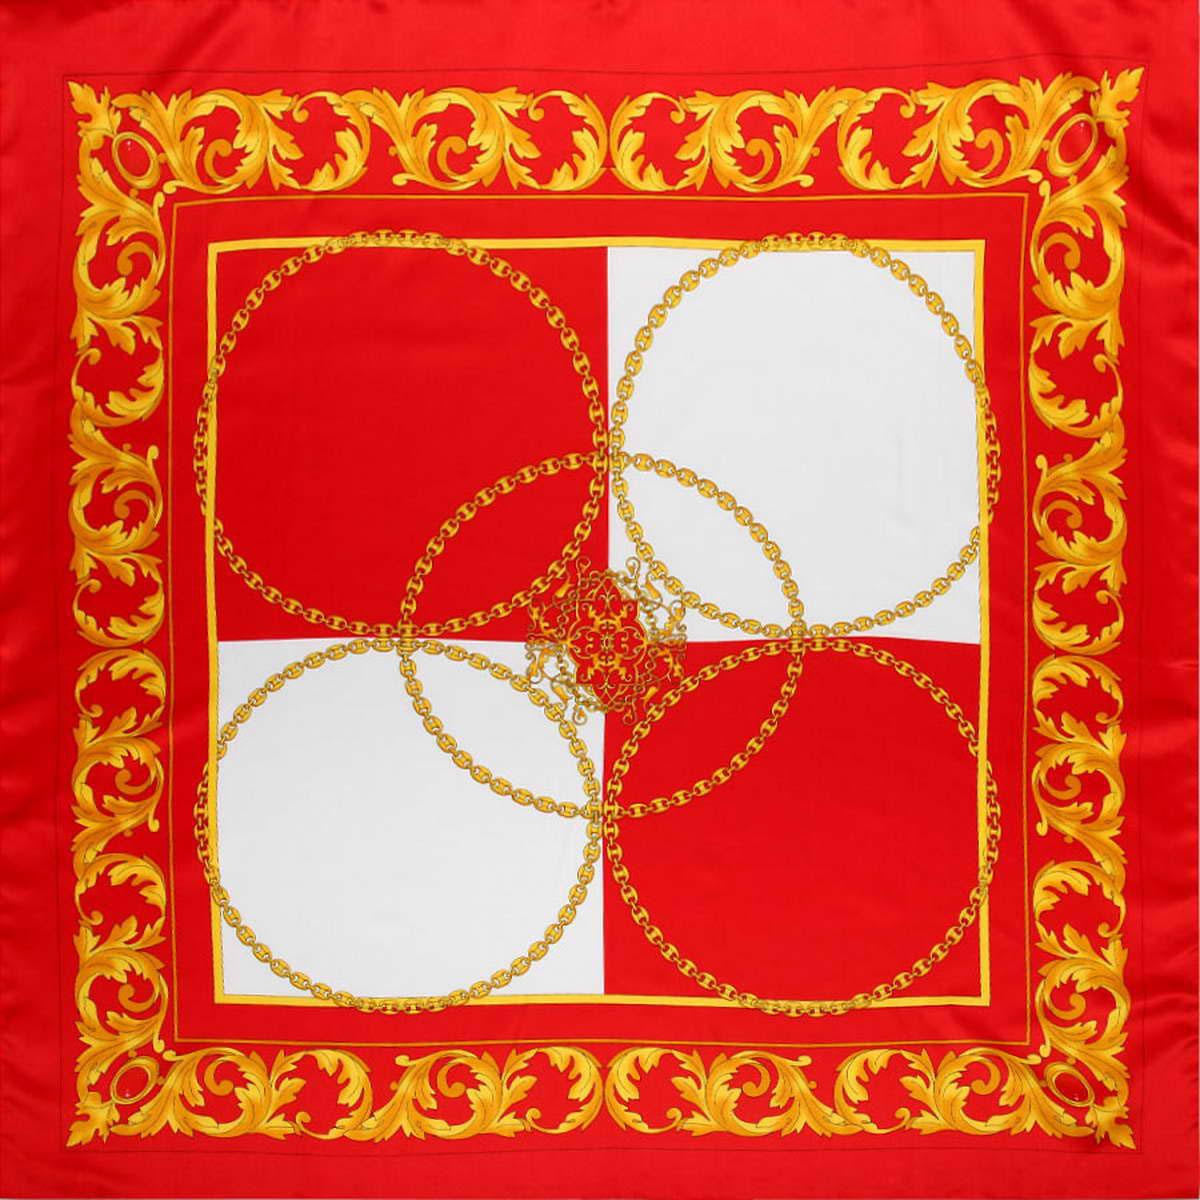 Платок женский. 39149833914983-04Стильный женский платок Venera станет великолепным завершением любого наряда. Платок, изготовленный из полиэстера, оформлен оригинальным принтом с изображением цепей. Классическая квадратная форма позволяет носить платок на шее, украшать им прическу или декорировать сумочку. Легкий и приятный на ощупь платок поможет вам создать изысканный женственный образ. Такой платок превосходно дополнит любой наряд и подчеркнет ваш неповторимый вкус и элегантность.